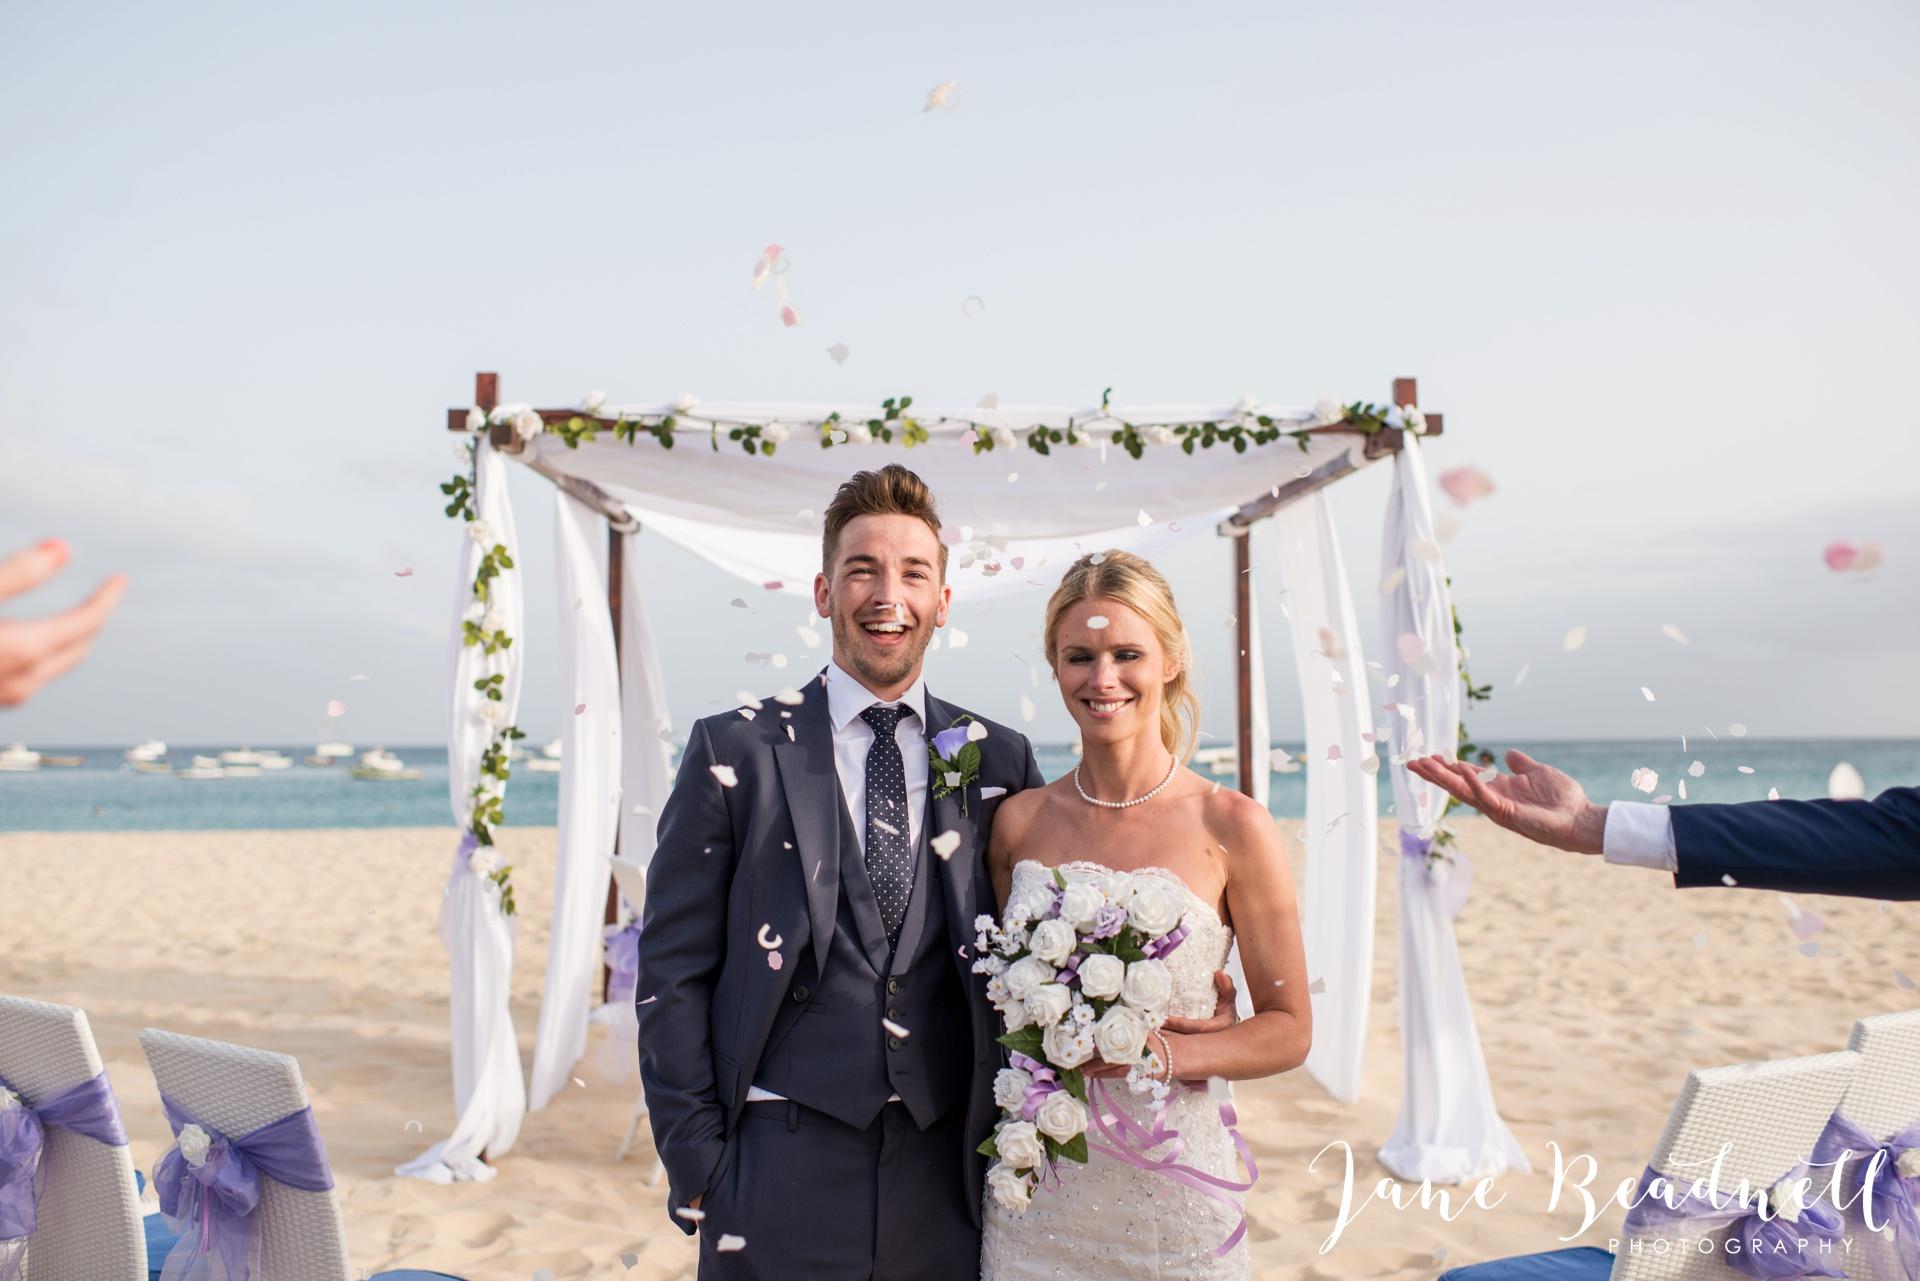 Jane Beadnell fine art wedding photographer Leeds Destination wedding photographer_0020